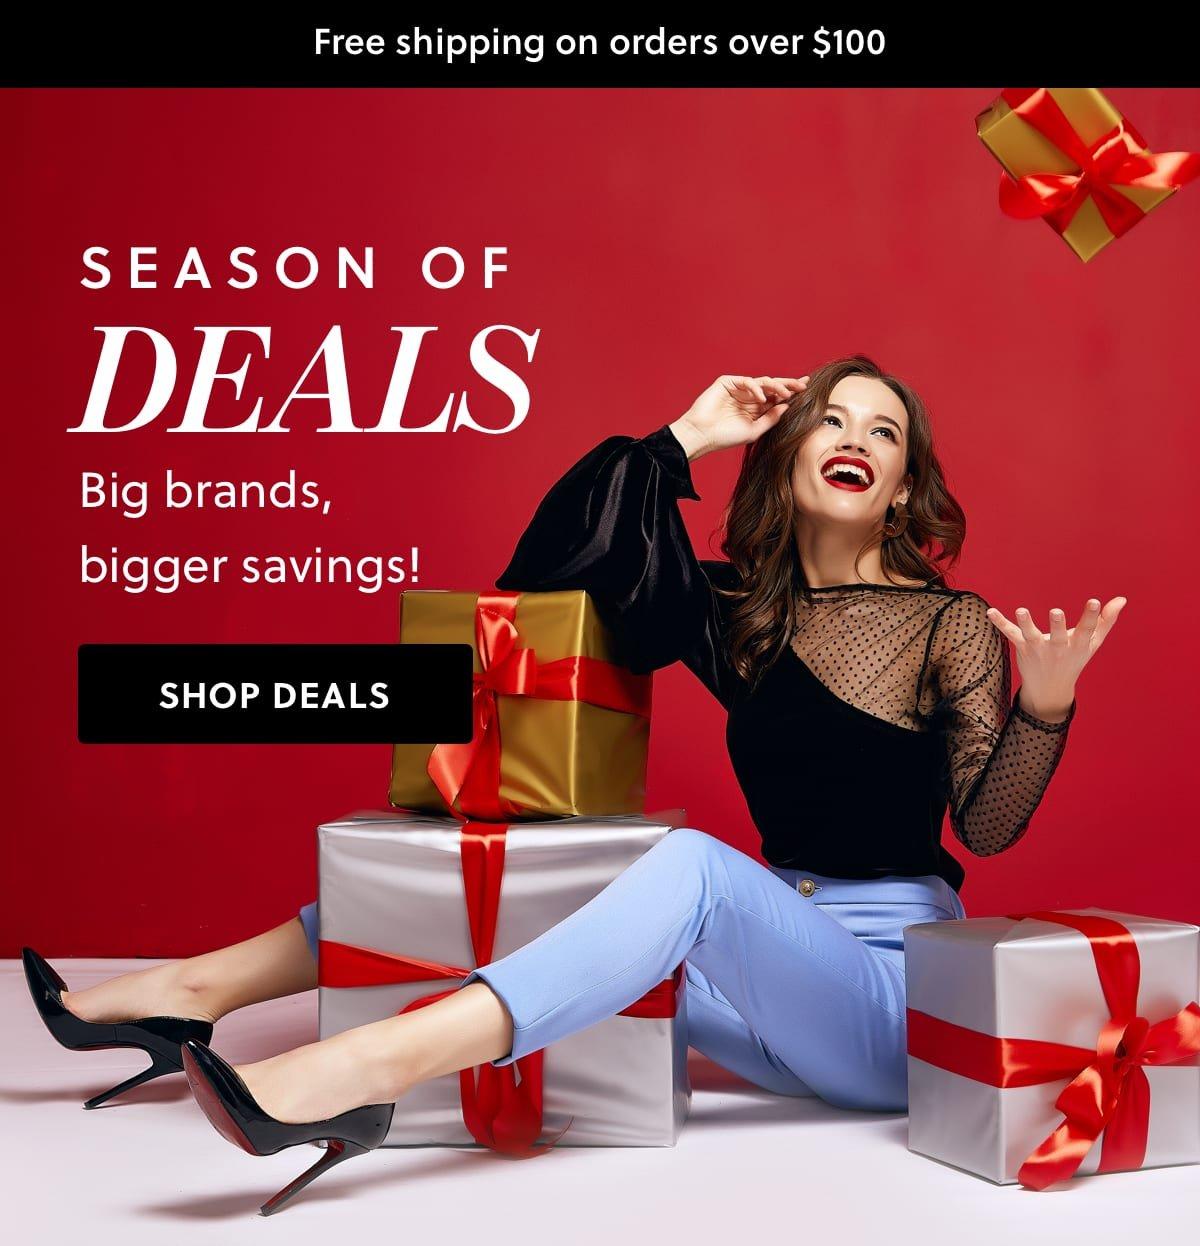 Season of Deals: Big brands, bigger savings!